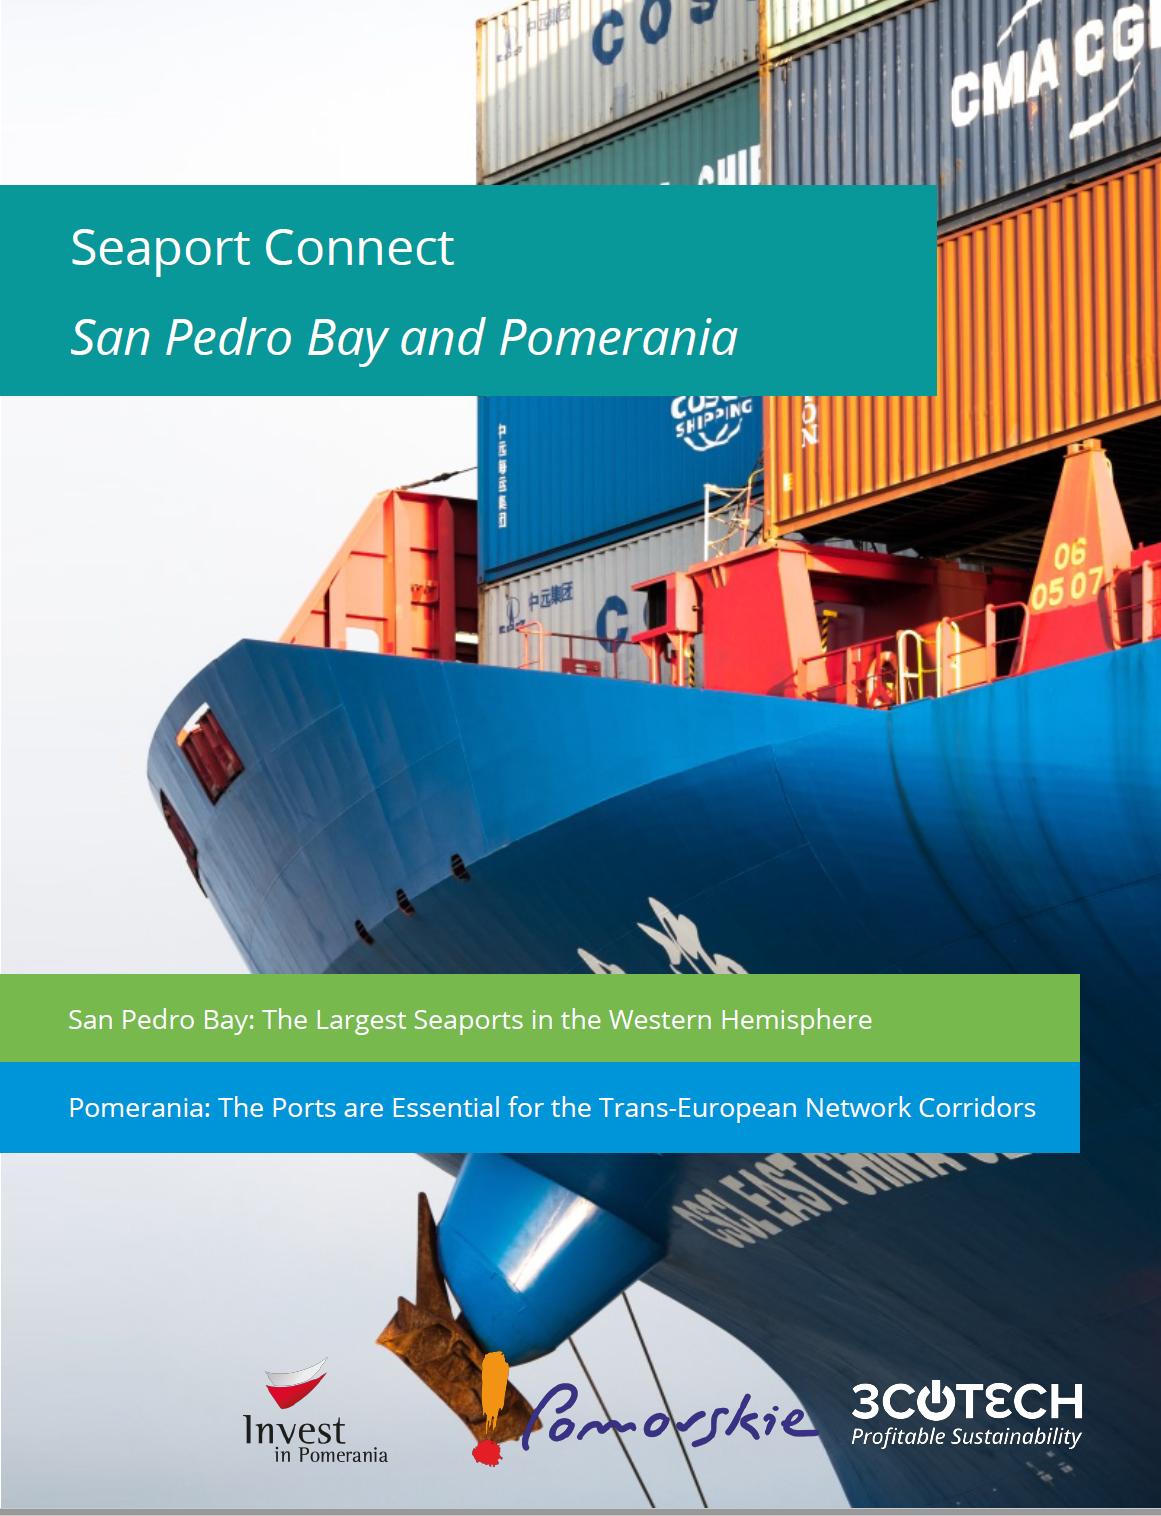 Seaport Connect raport